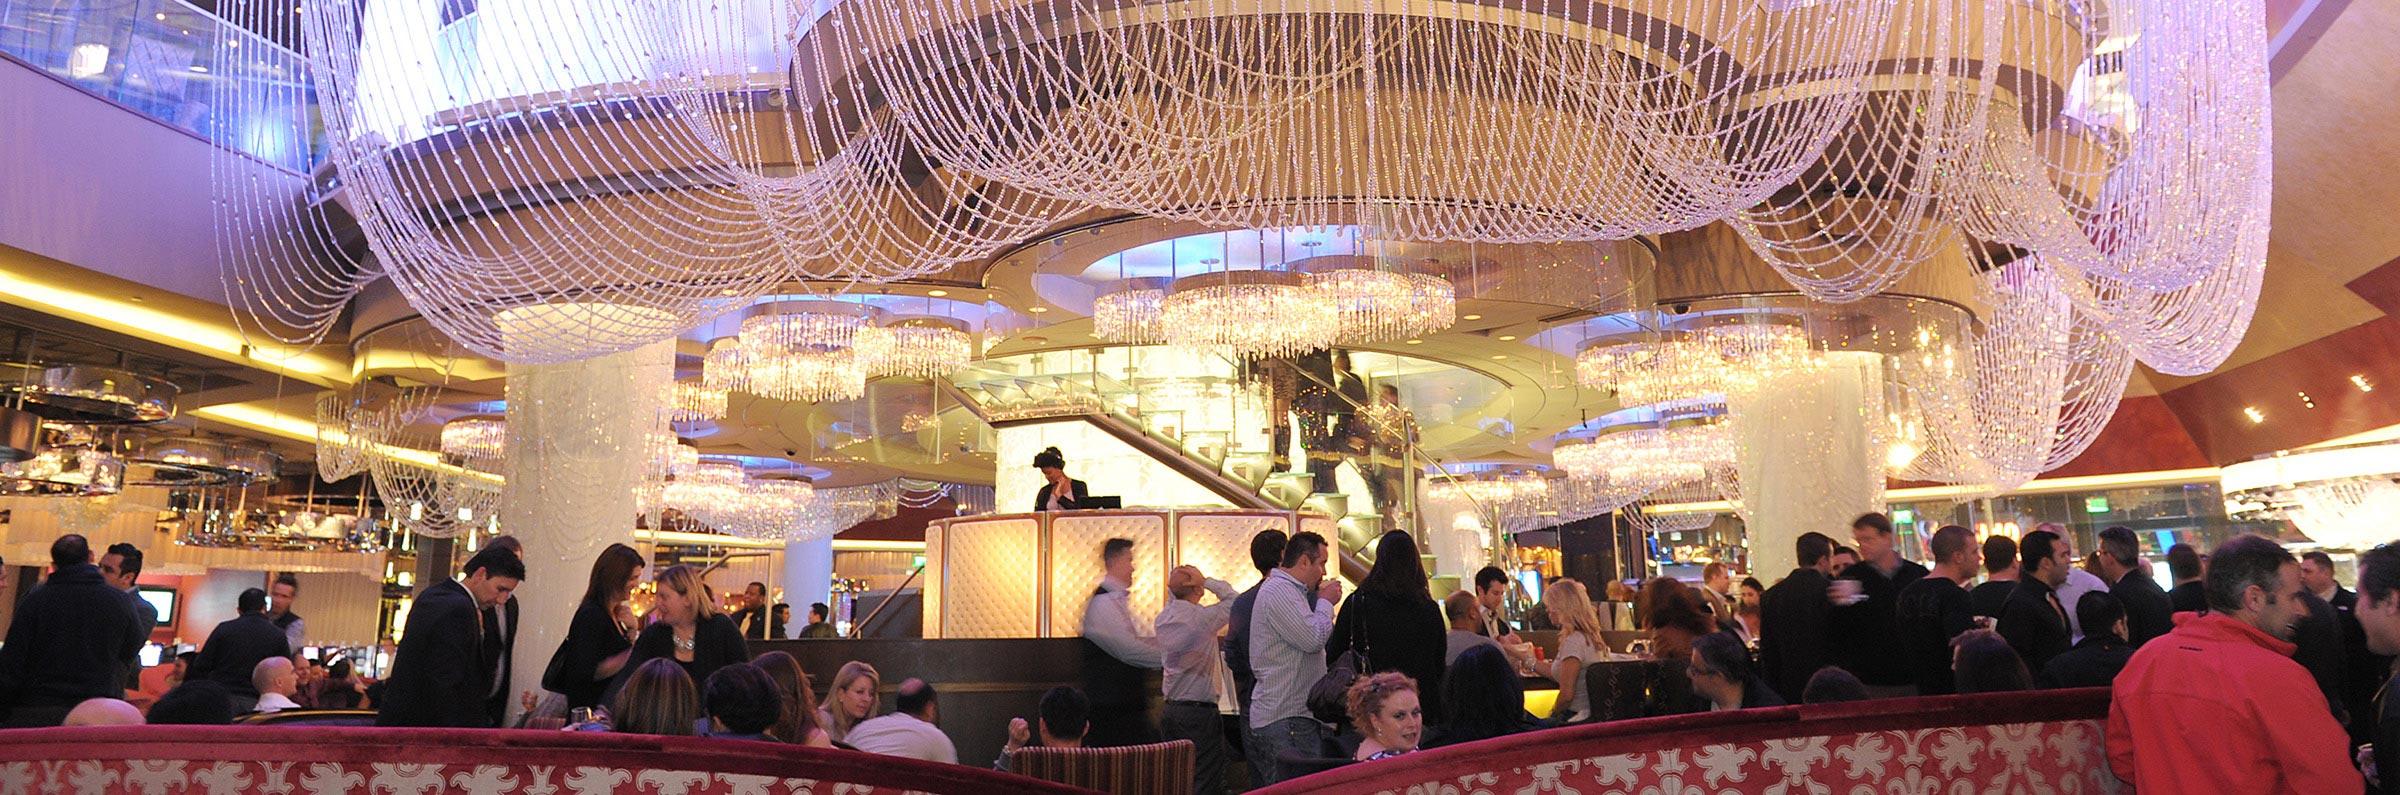 Food and drink in Las Vegas